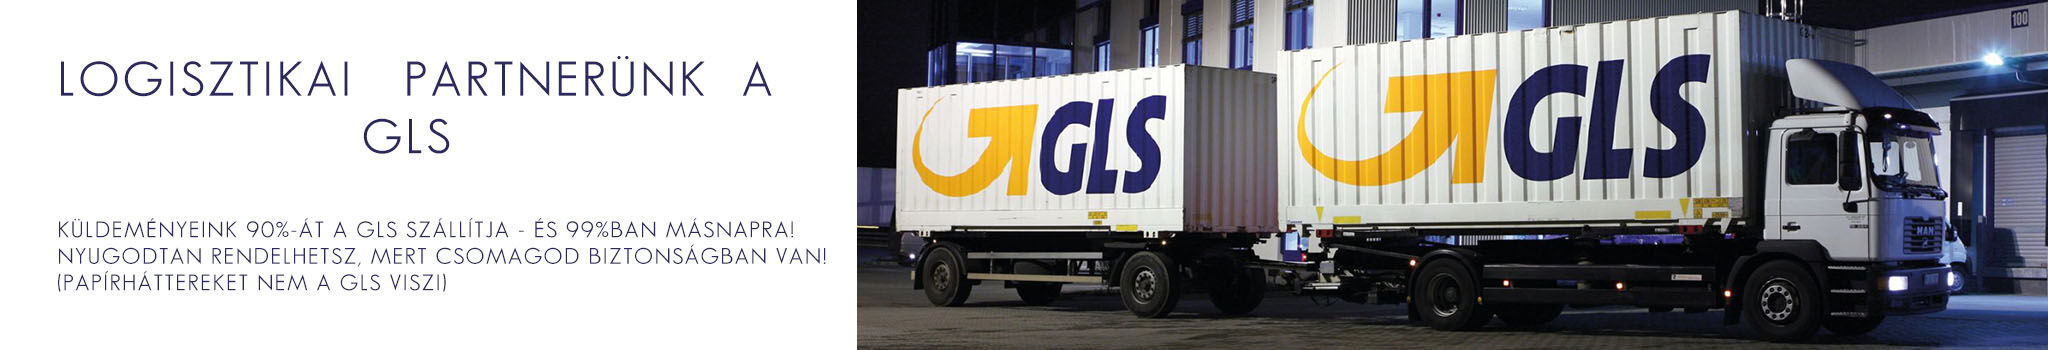 GLS 2